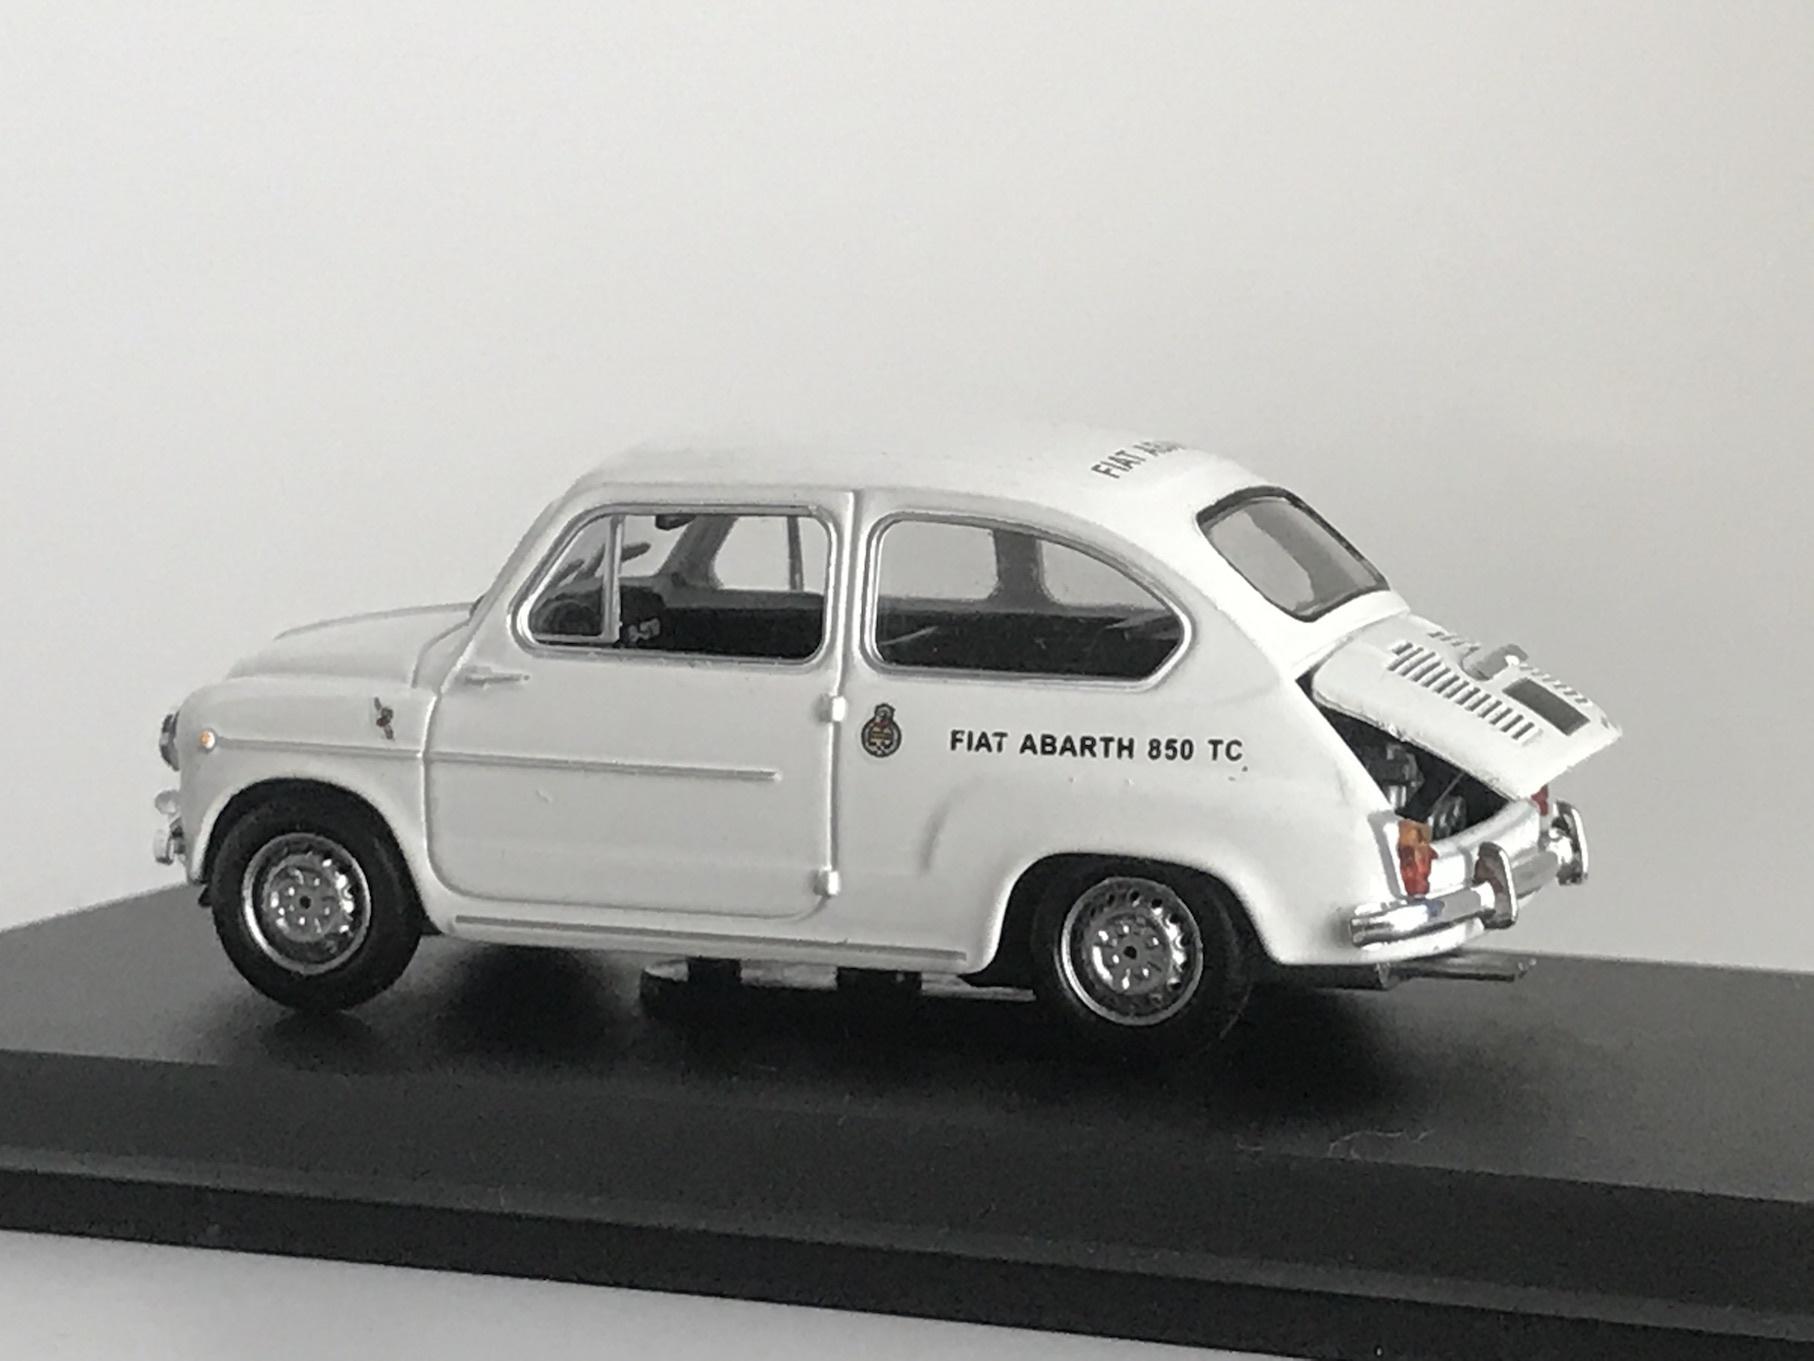 FIAT 850 TC CORSA 1963 (1/43) 【metro】